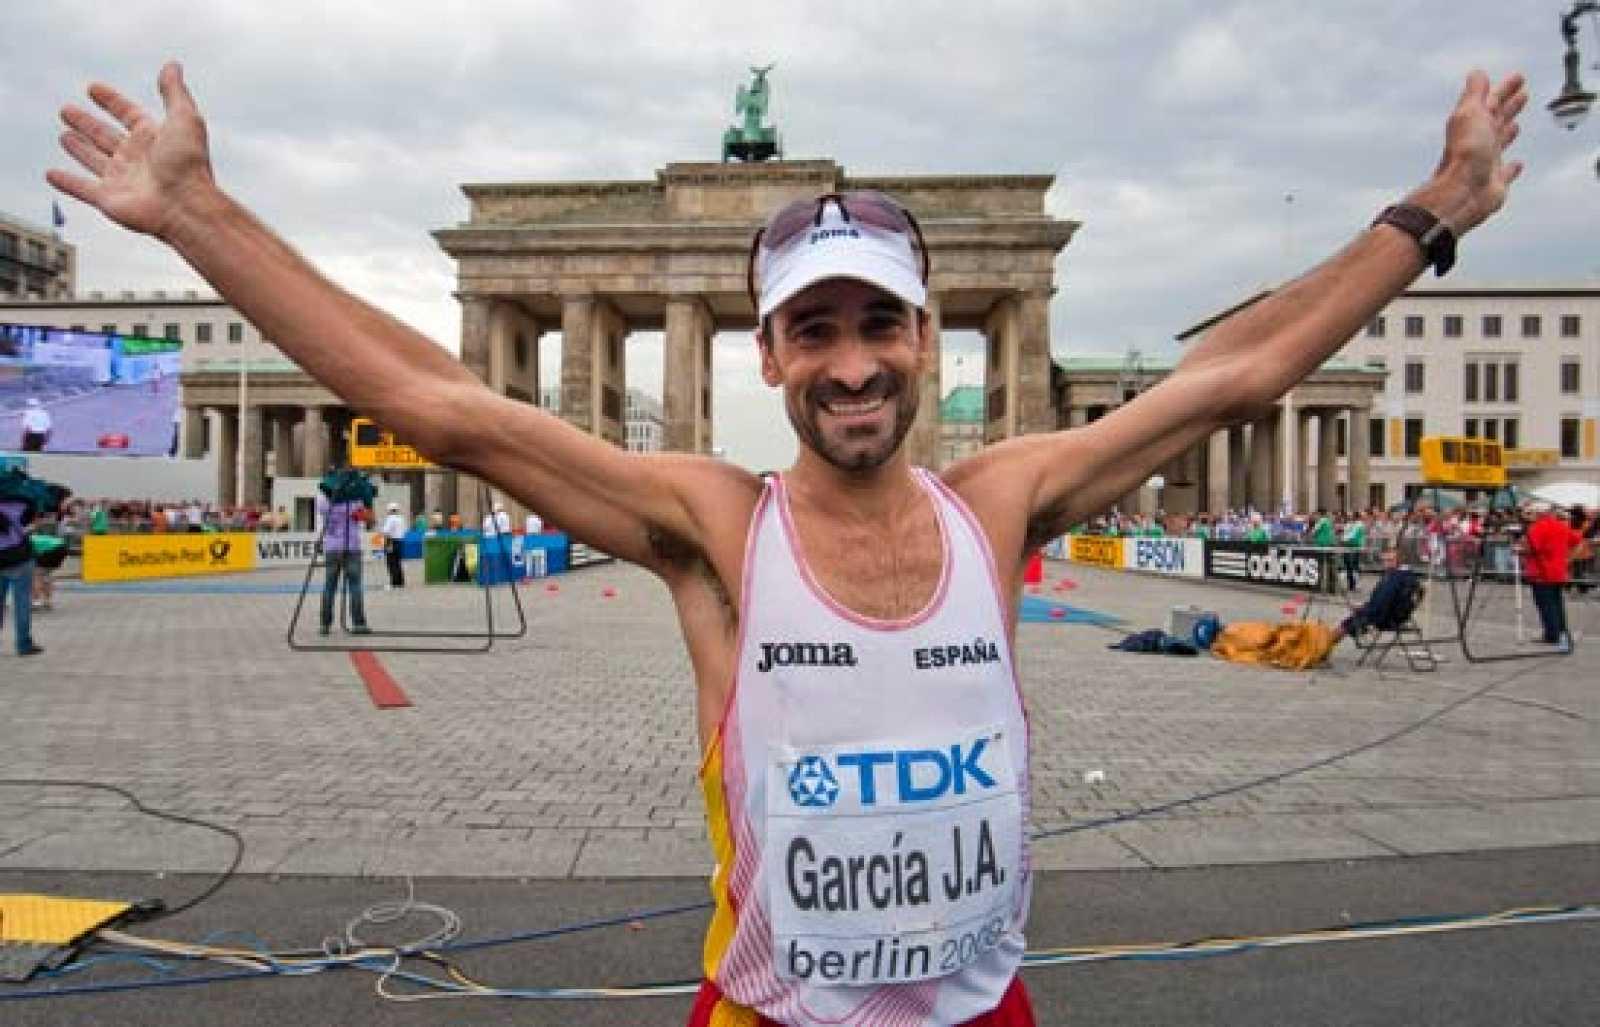 El veterano atleta madrileño Jesús Ángel García Bragado se ha hecho con el bronce en la prueba de 50 kilómetros marcha de los Mundiales de Berlín.